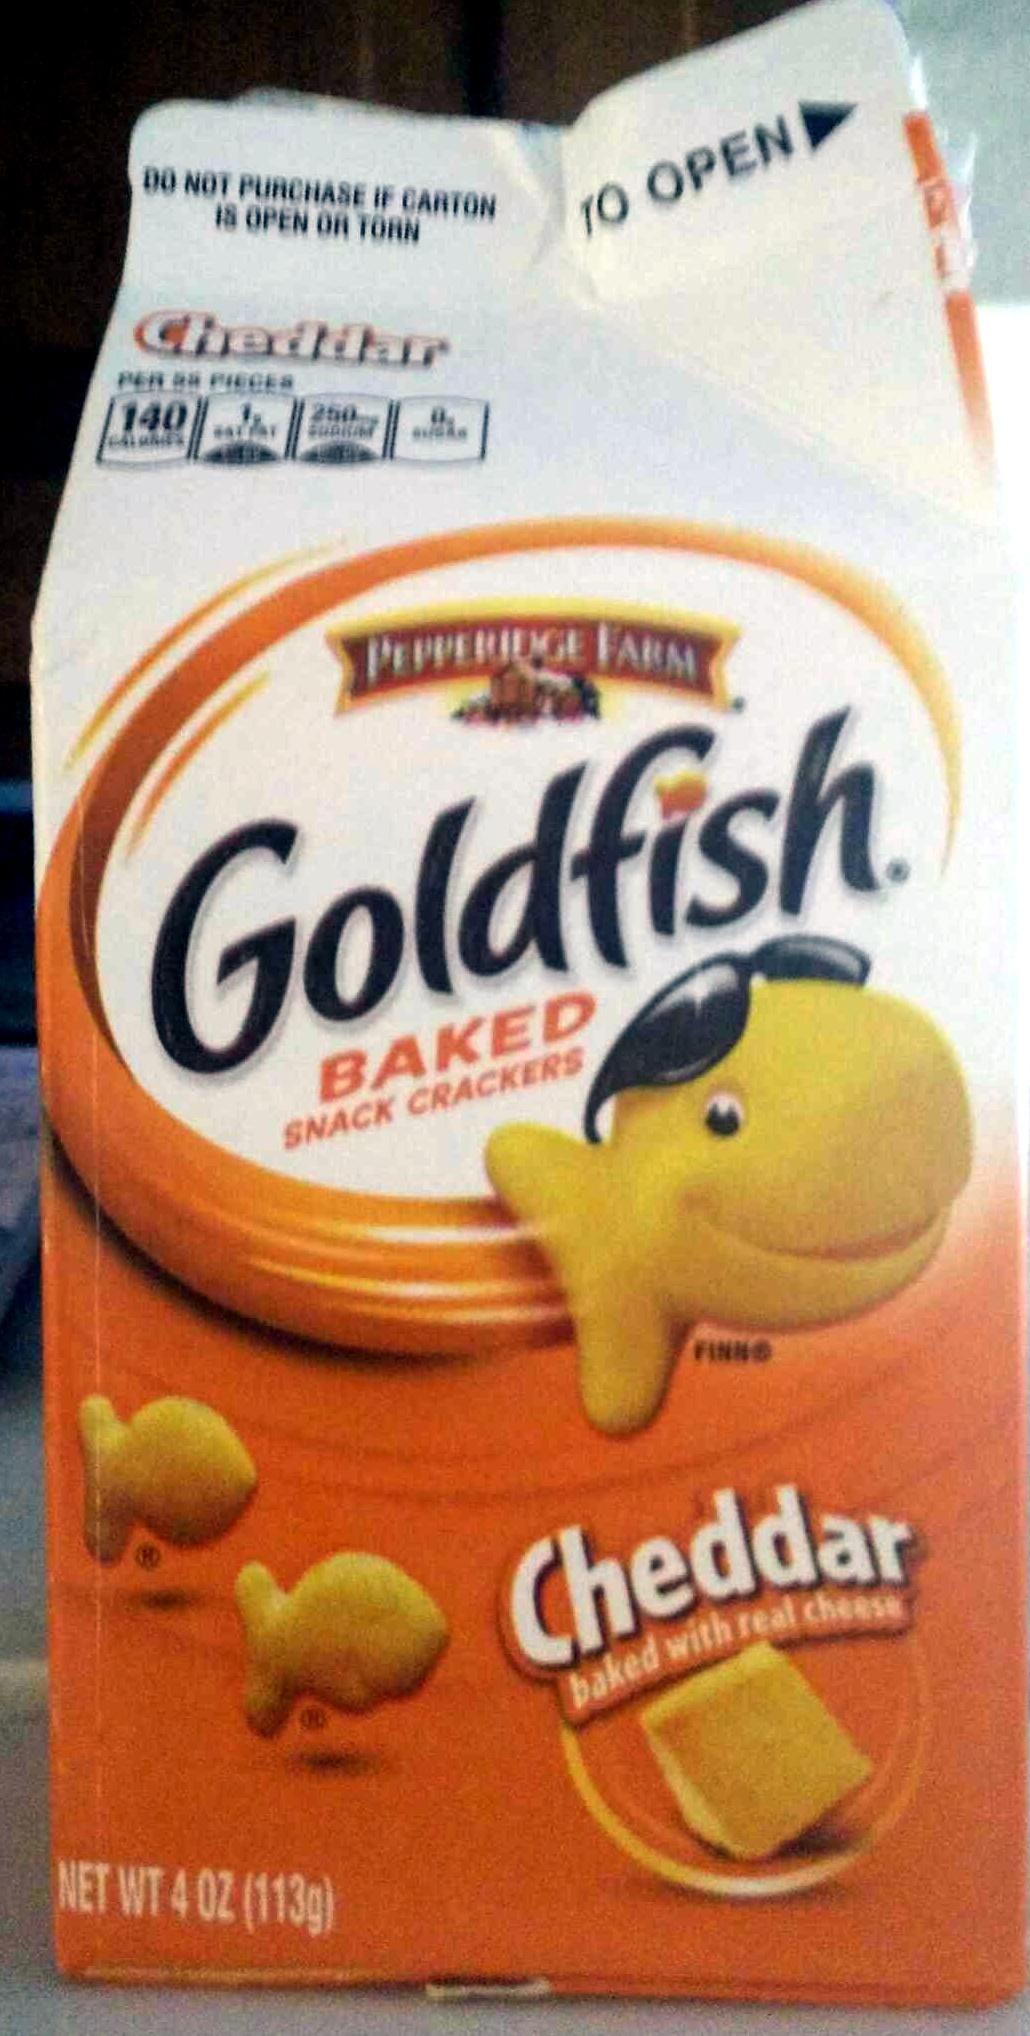 Goldfish au cheddar - Product - en